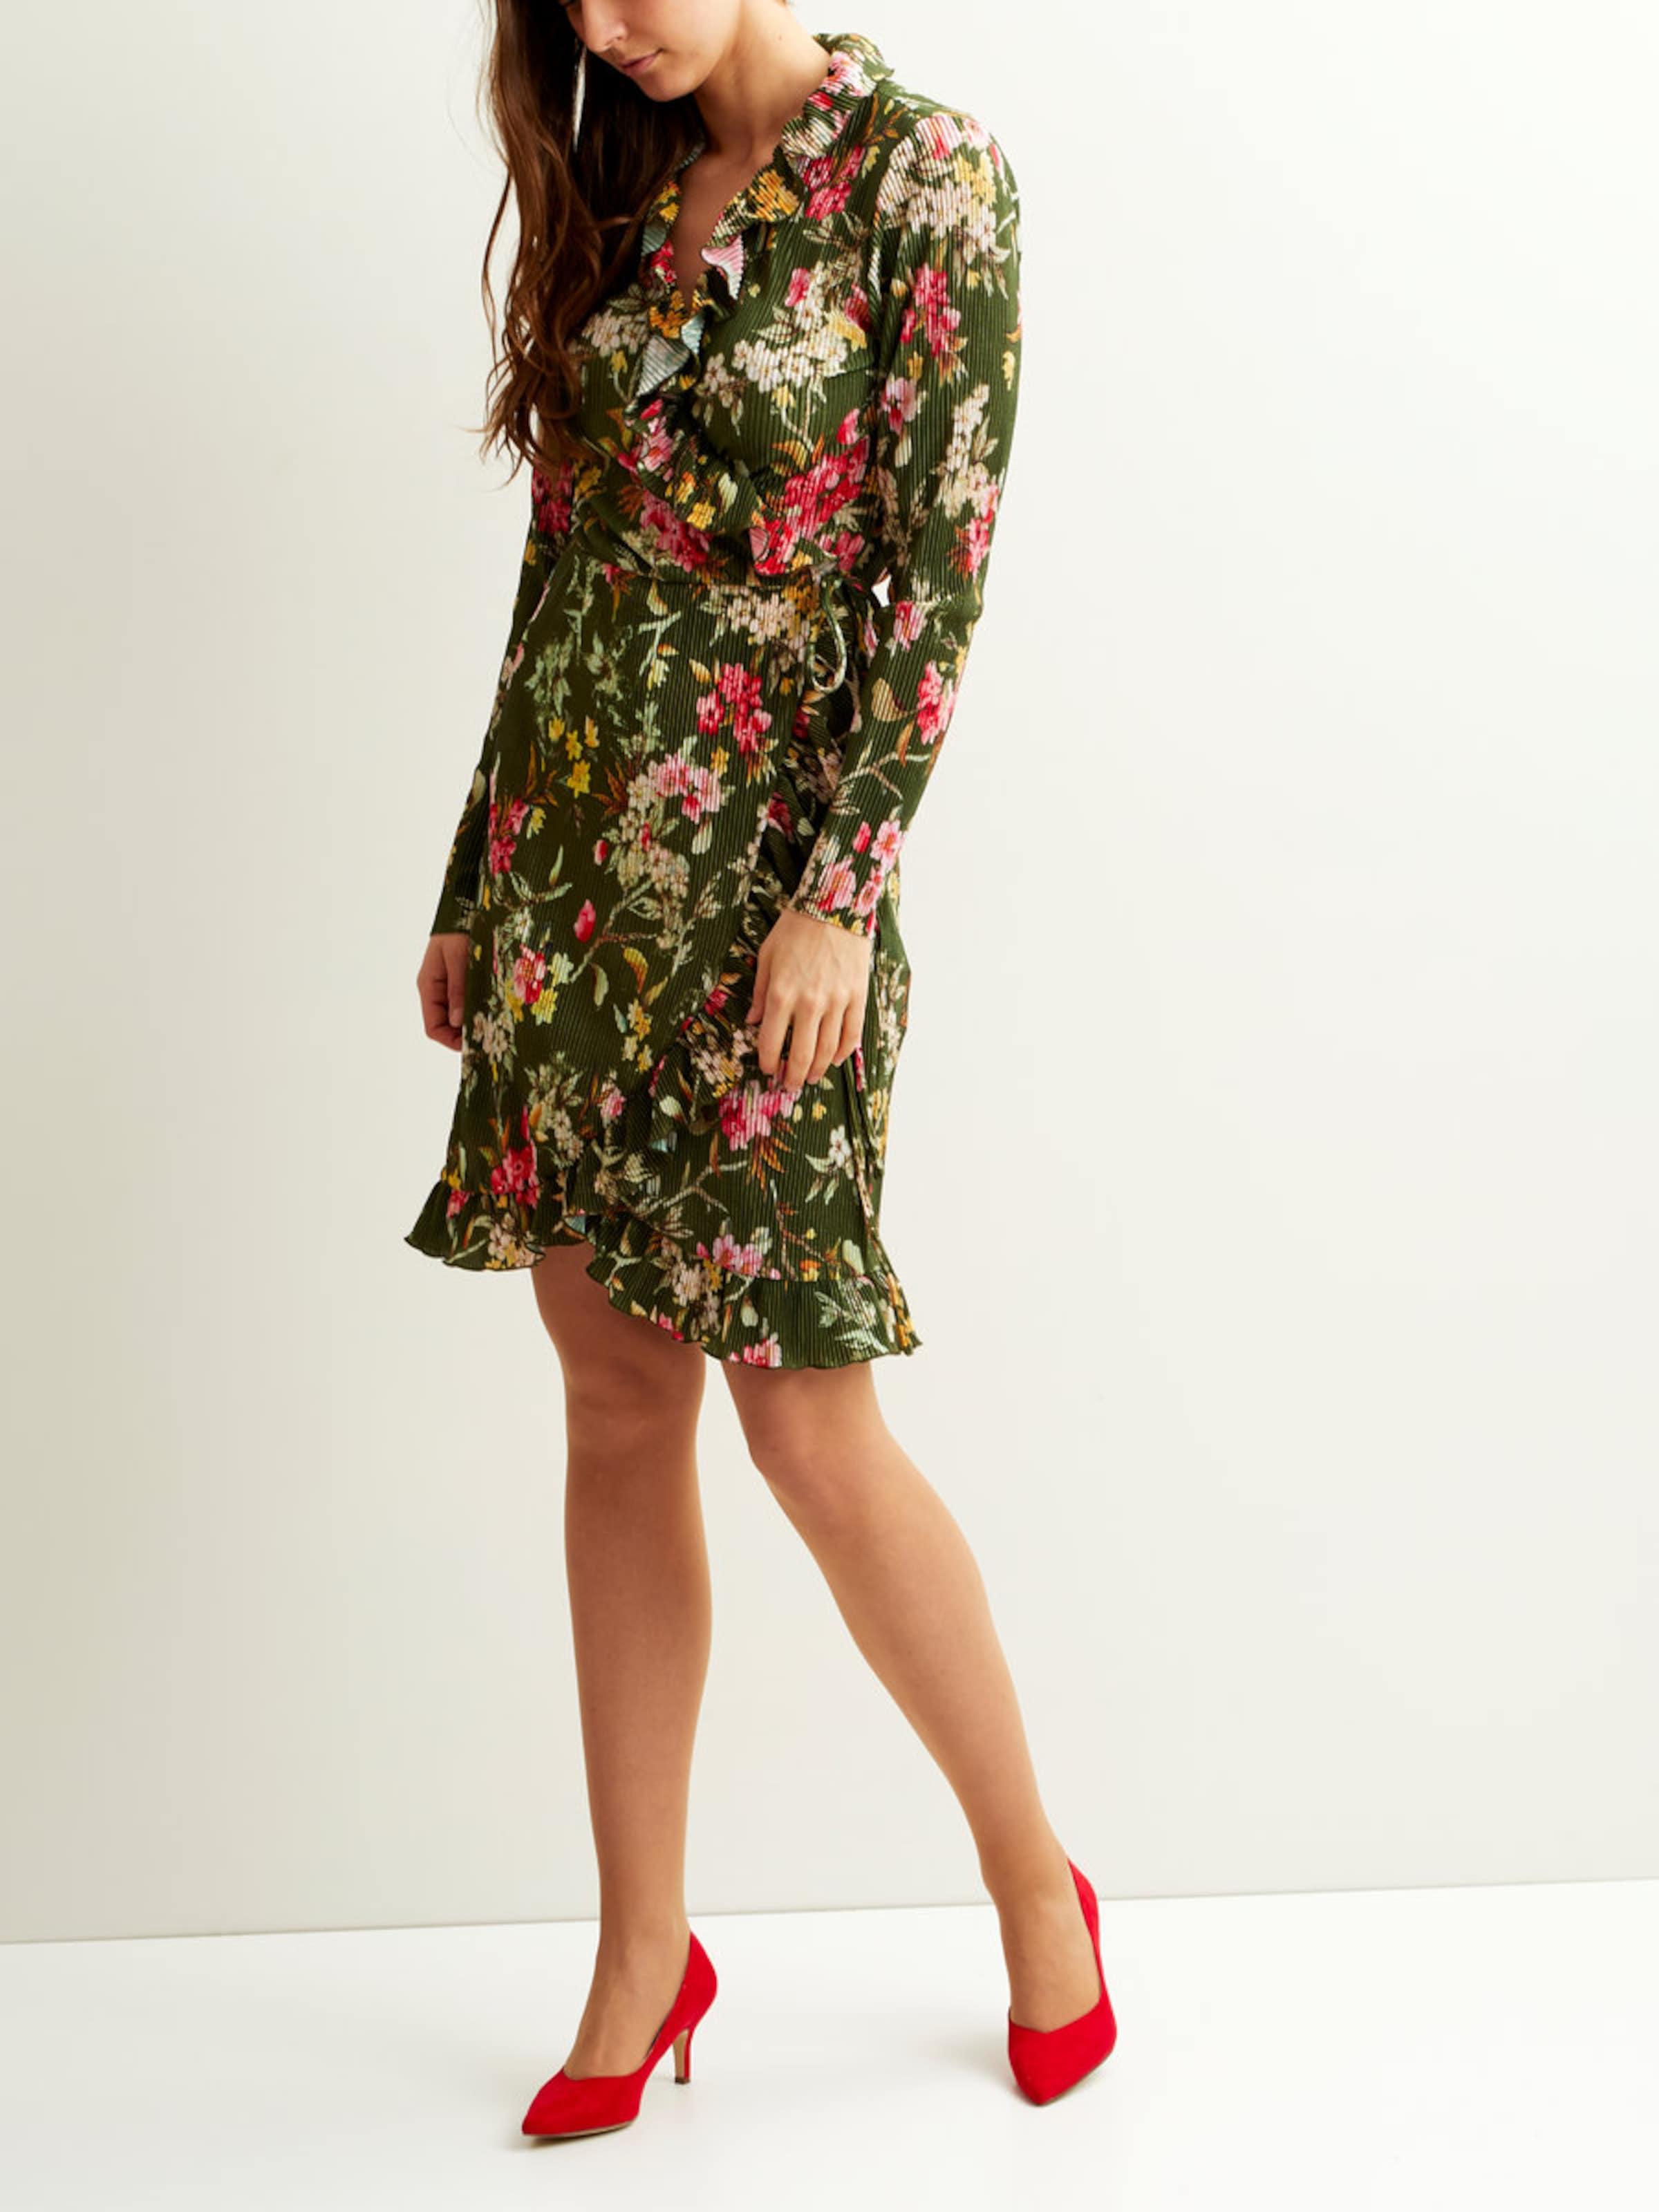 VILA Blumenmuster Wickel Kleid Mit Kreditkarte Rabatt 100% Garantiert Günstig Kaufen Brandneue Unisex Footlocker Zum Verkauf Verkauf Exklusiv BcDTy